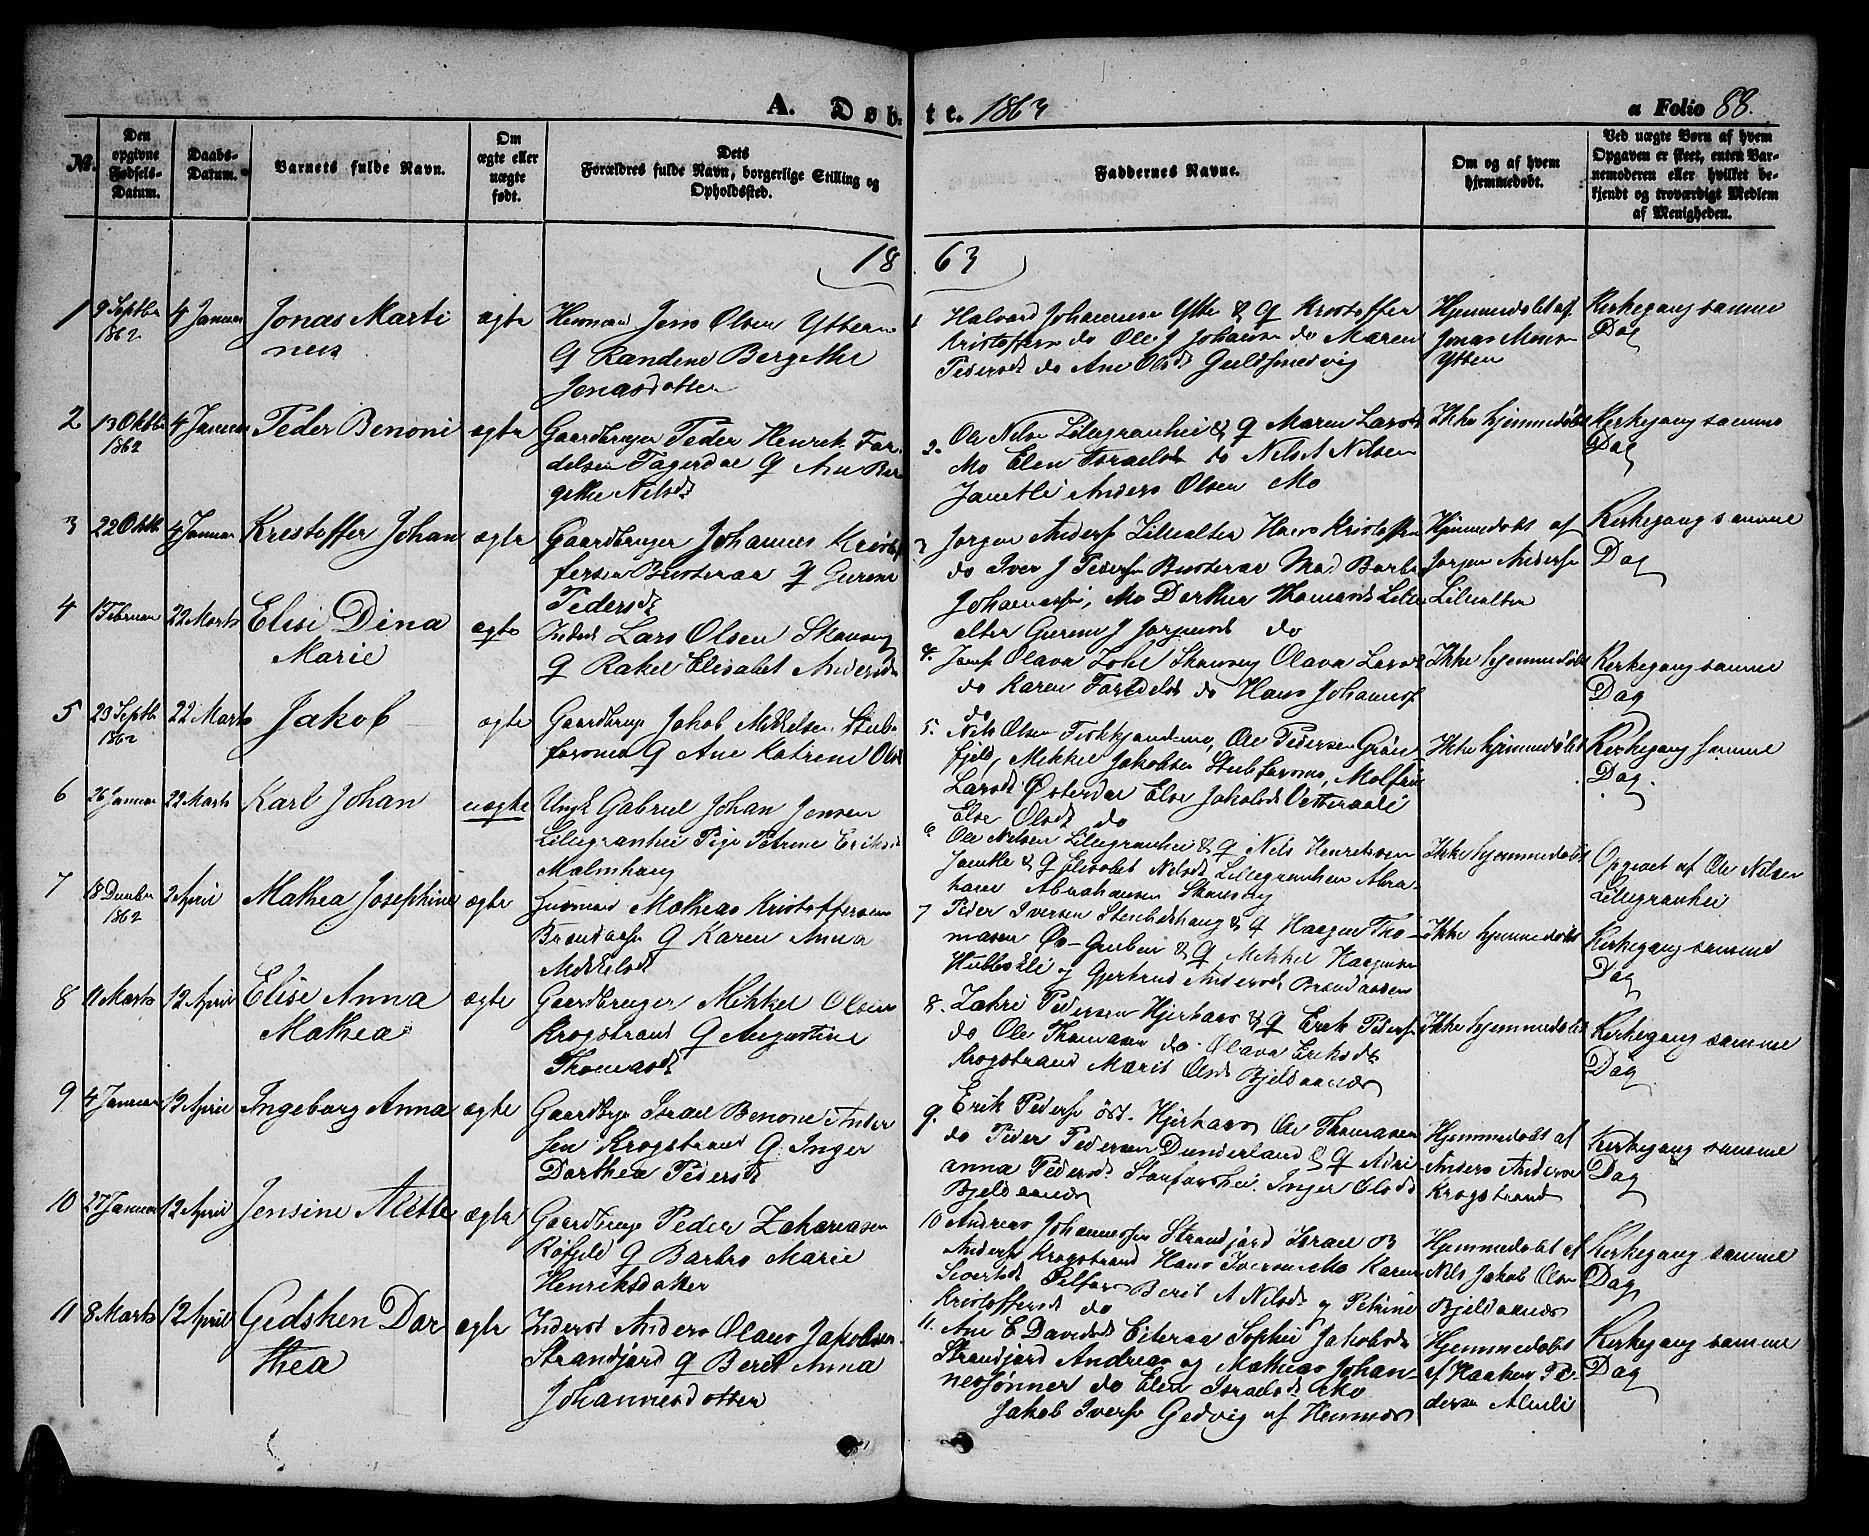 SAT, Ministerialprotokoller, klokkerbøker og fødselsregistre - Nordland, 827/L0414: Parish register (copy) no. 827C03, 1853-1865, p. 88